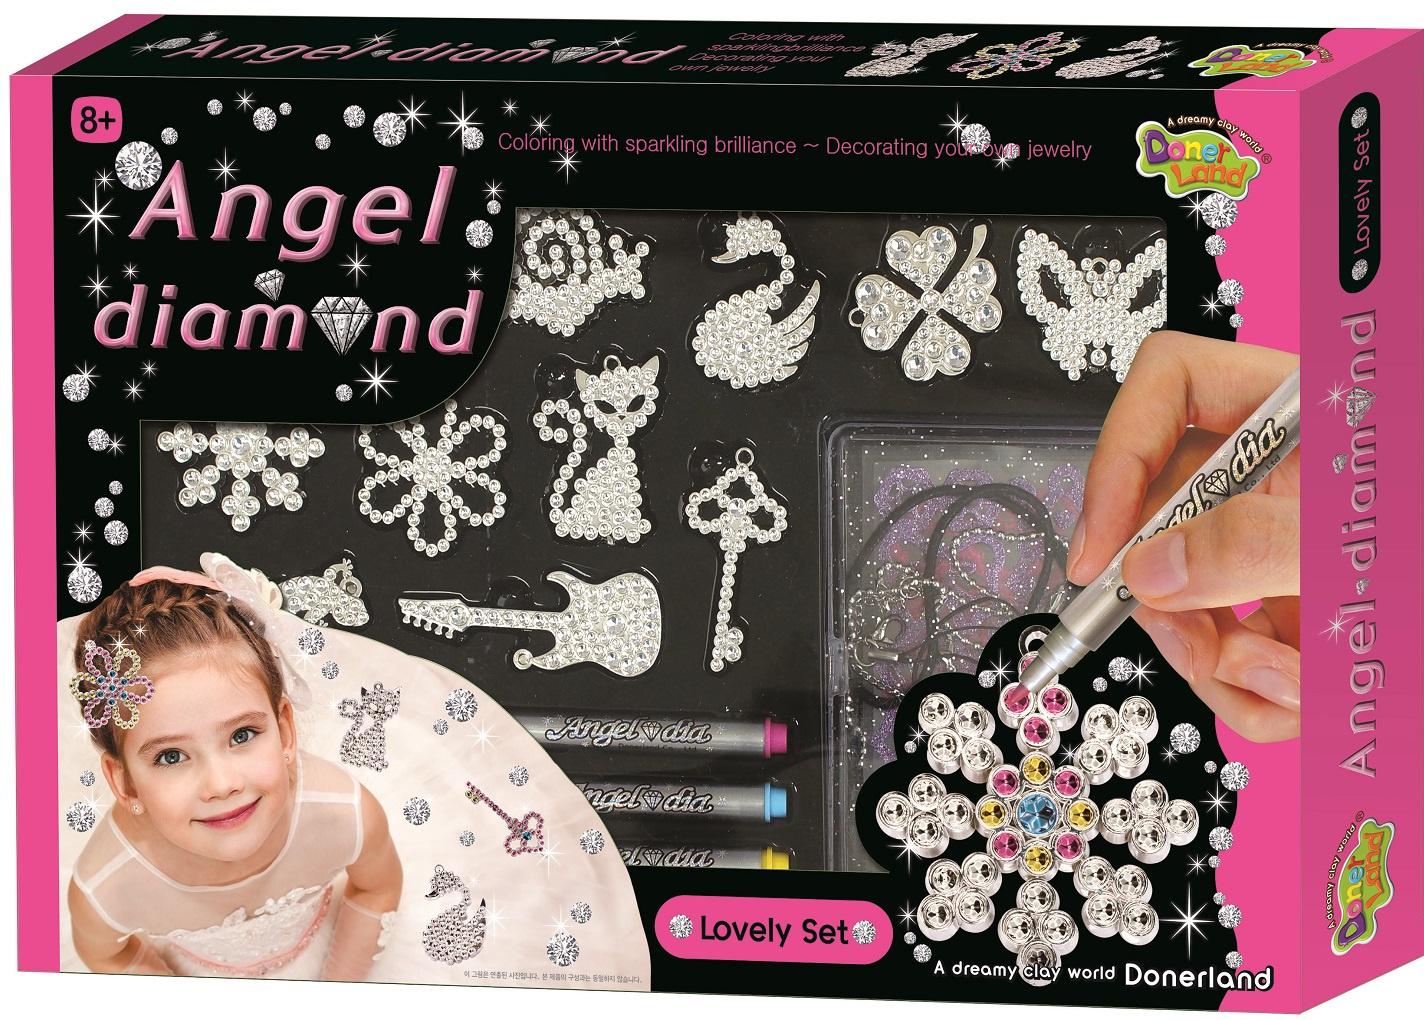 Набор для создания украшений Angel Dimond Игровой набор Angel Diamond - Lovely Set игровой набор карусель для создания украшений из бусинок lalaloopsy